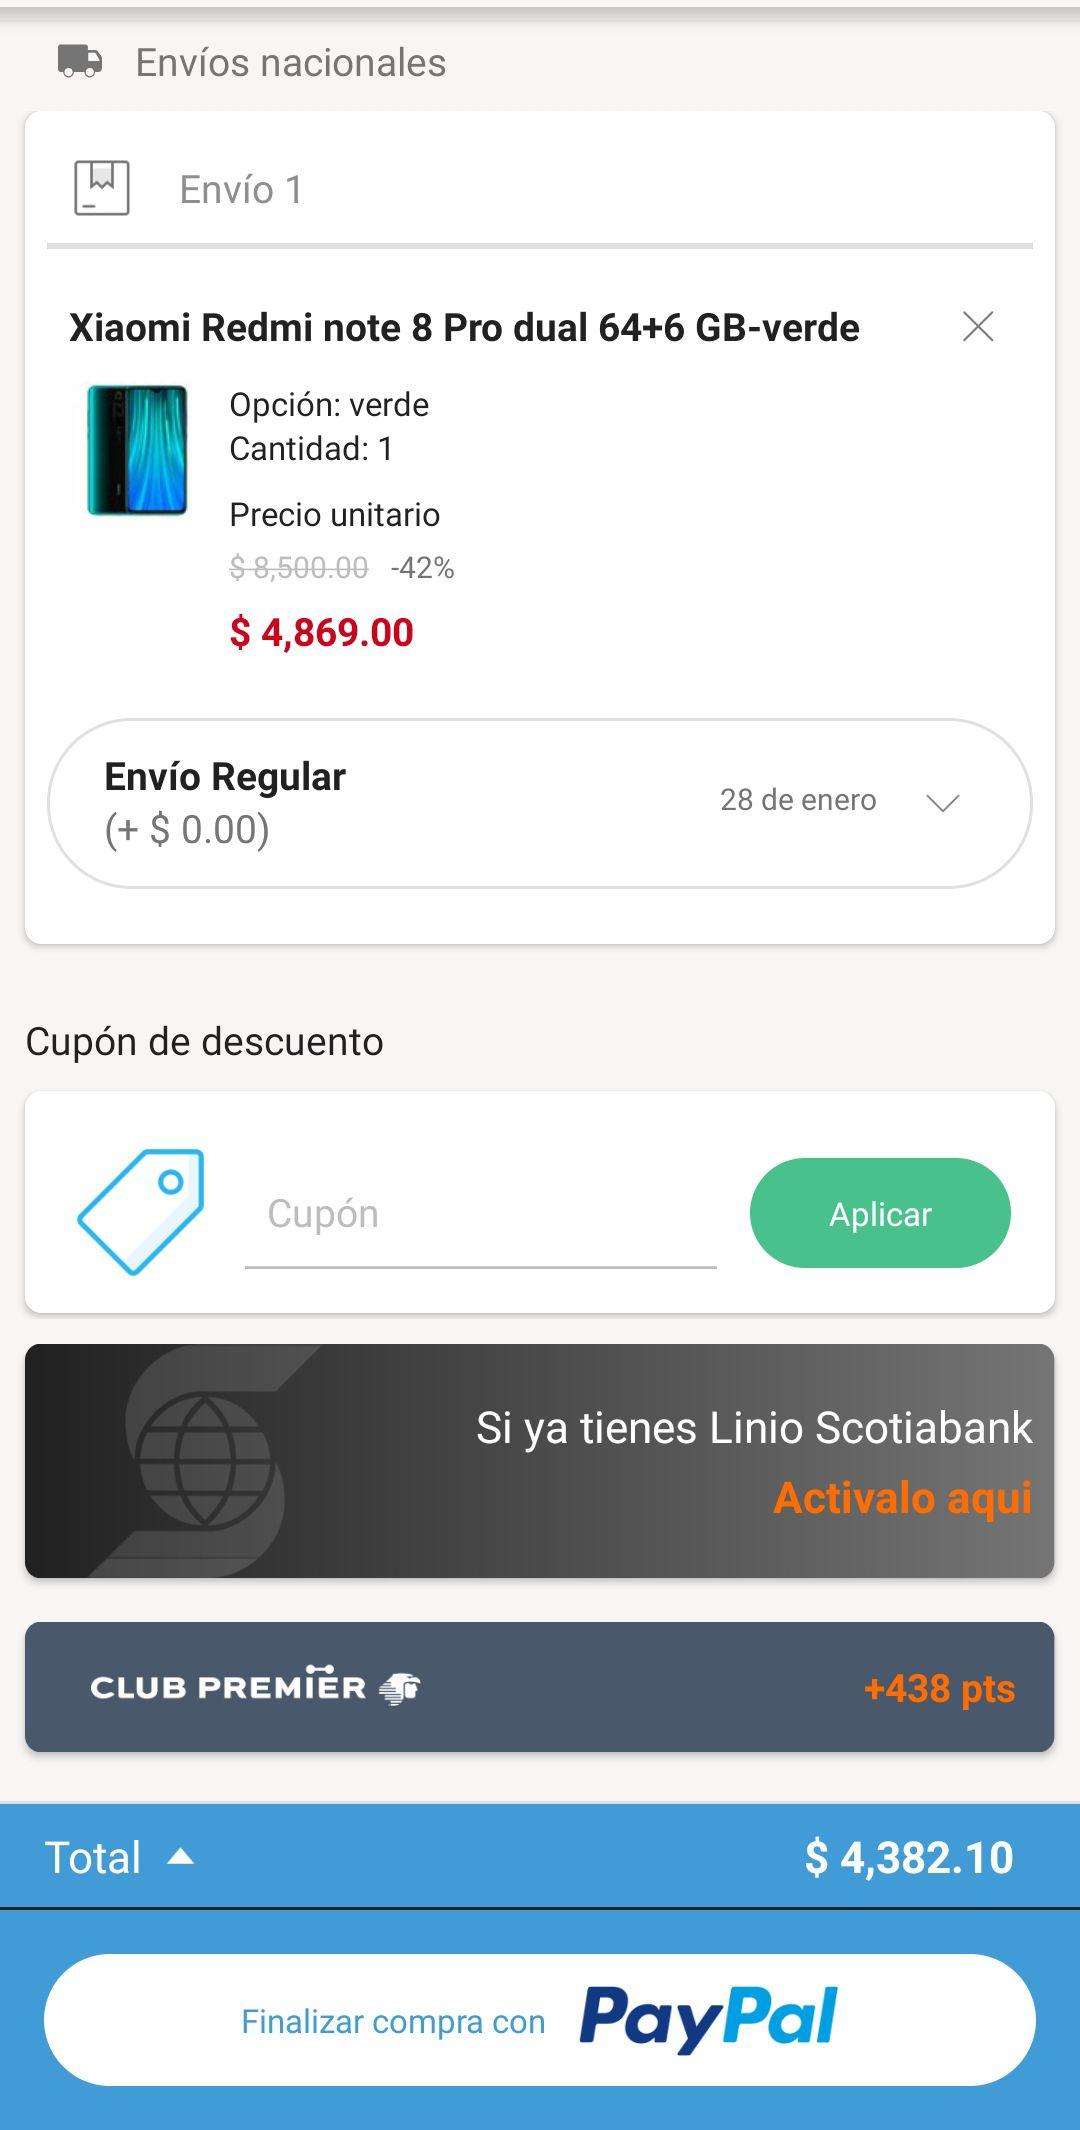 Linio: Redmi Note 8 Pro 64G con Paypal envío nacional